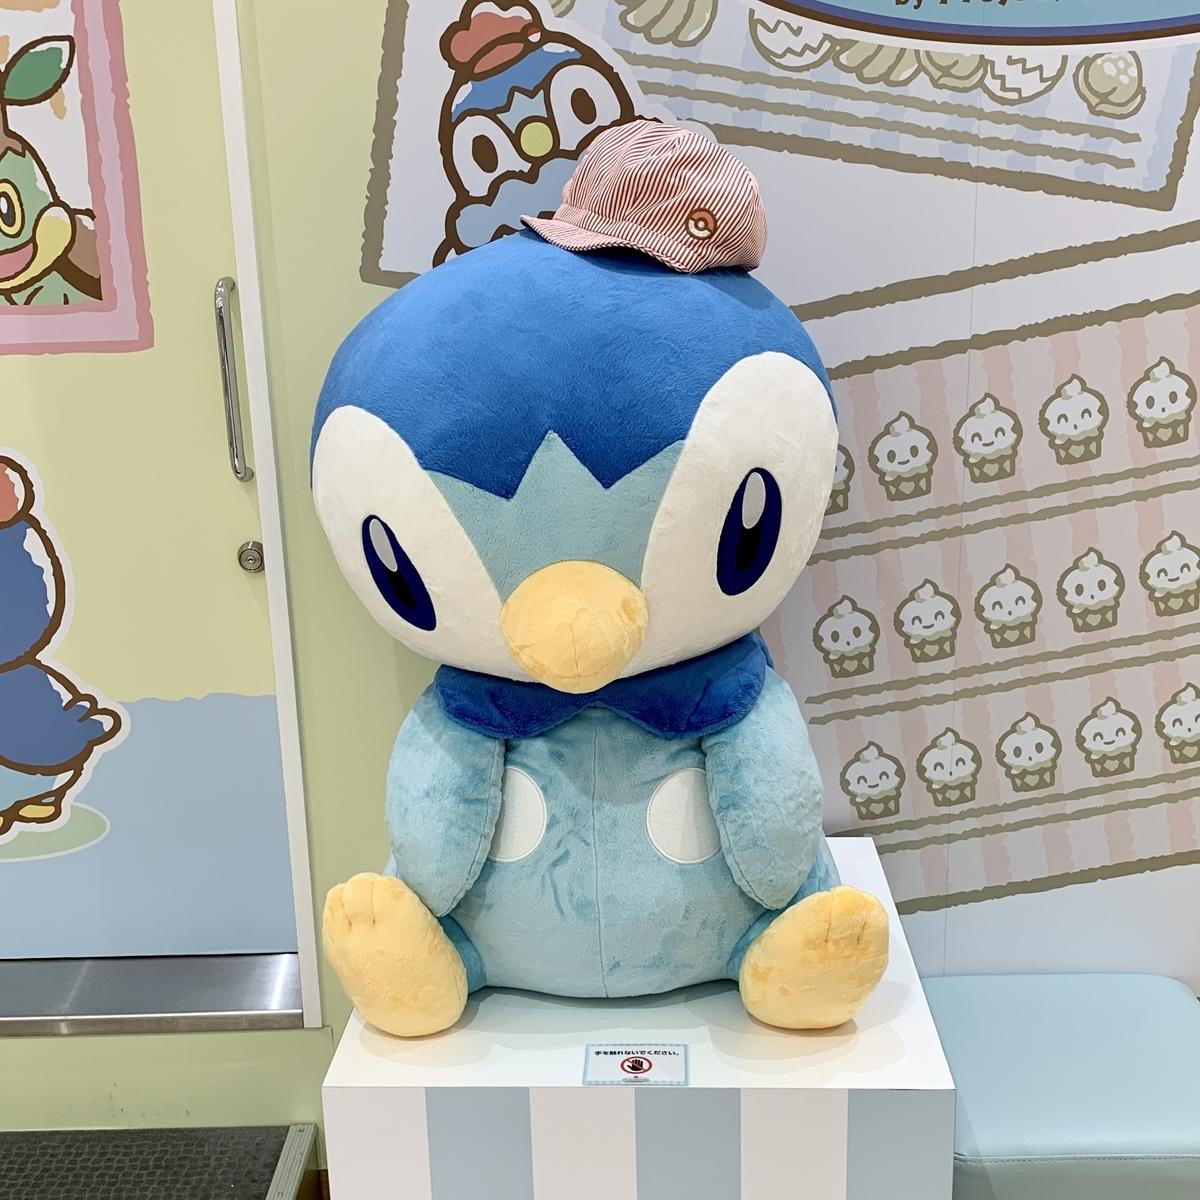 f:id:pikachu_pcn:20210827190640j:plain